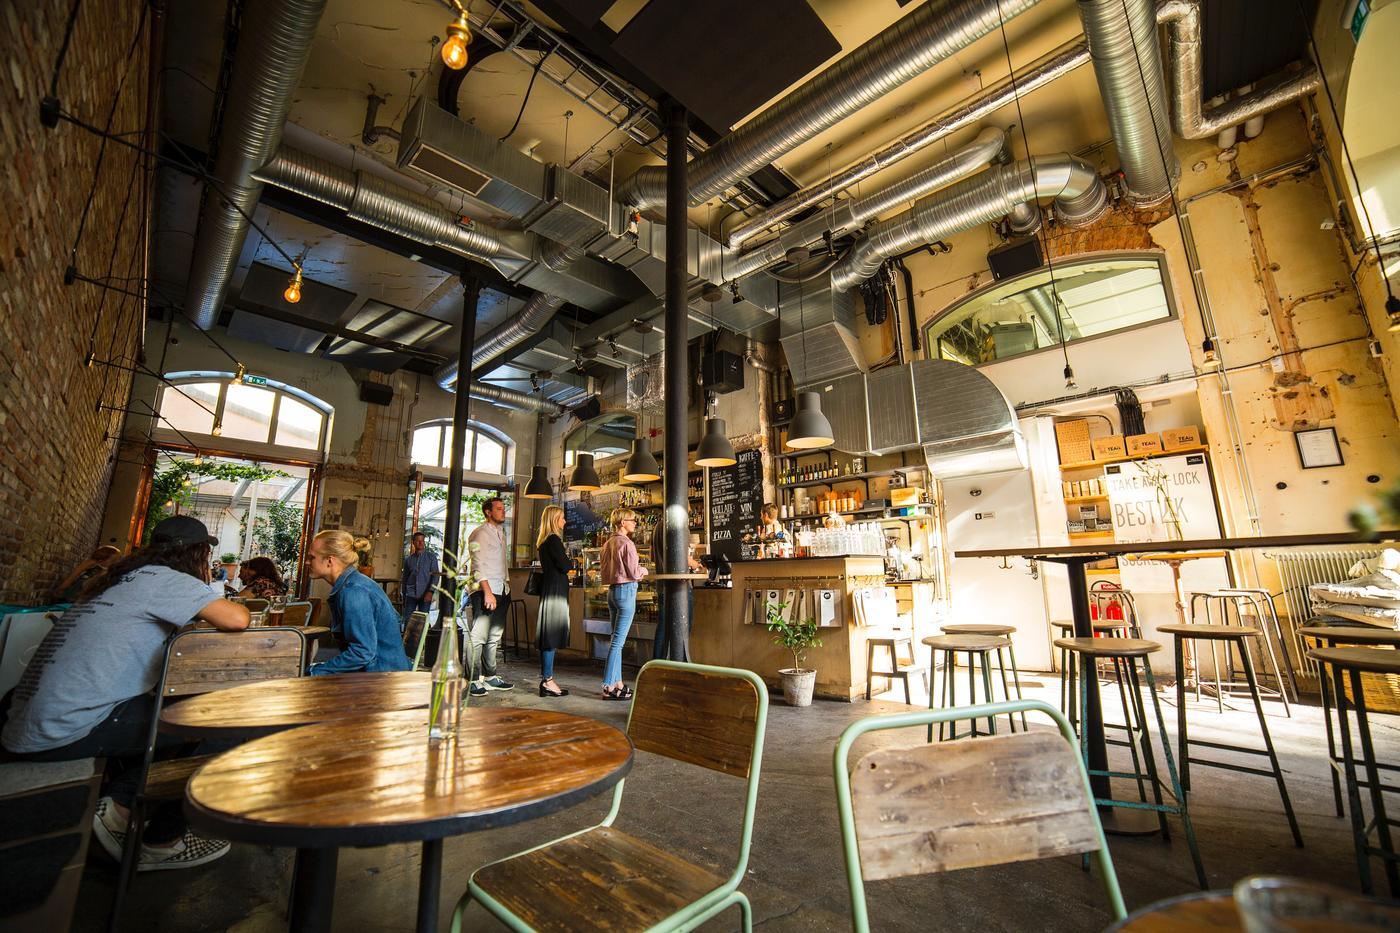 Restaurant Planning